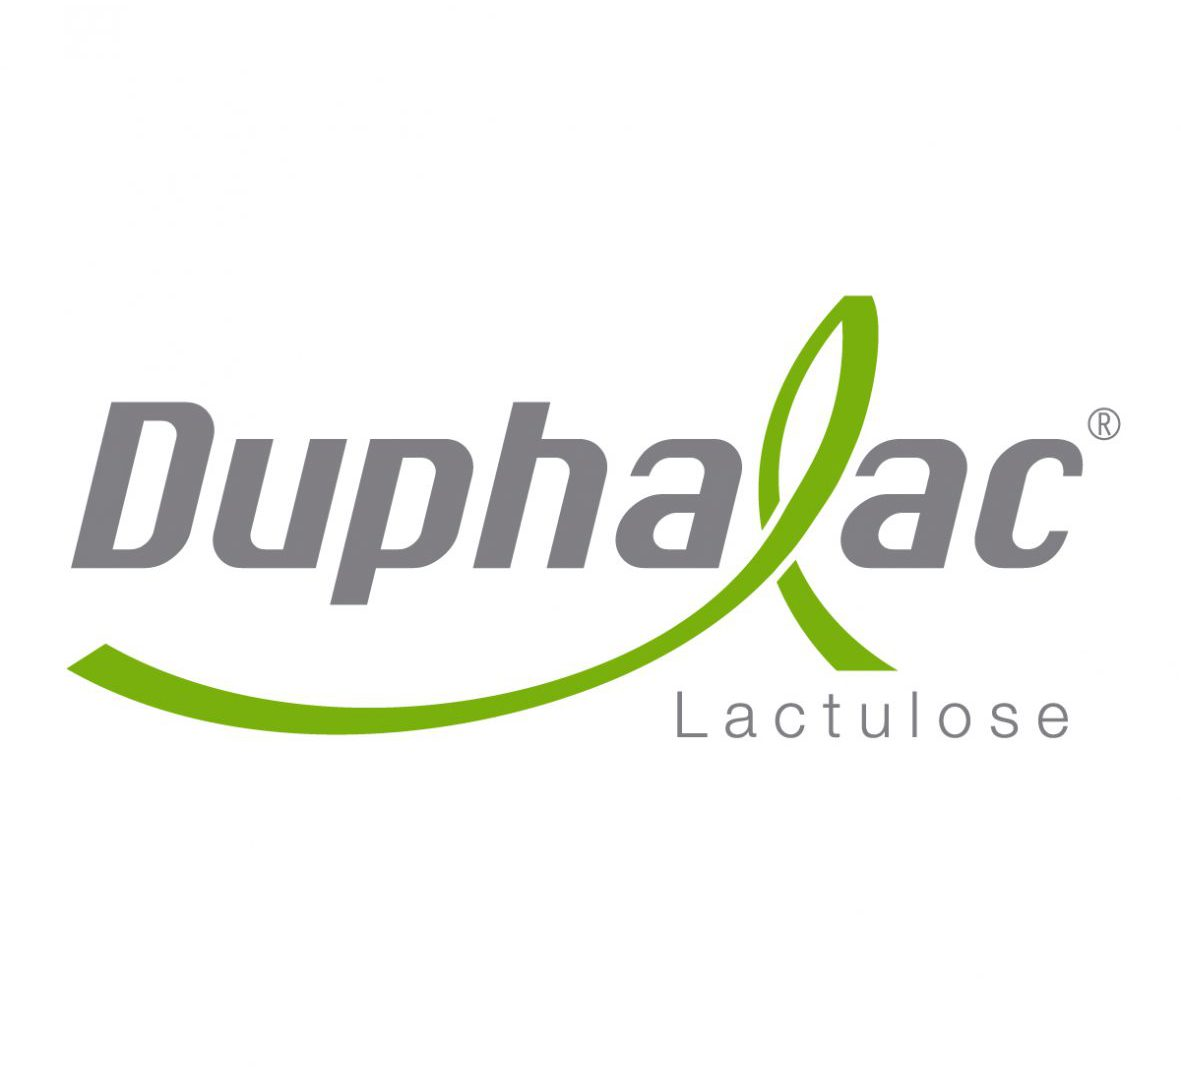 dp_logo